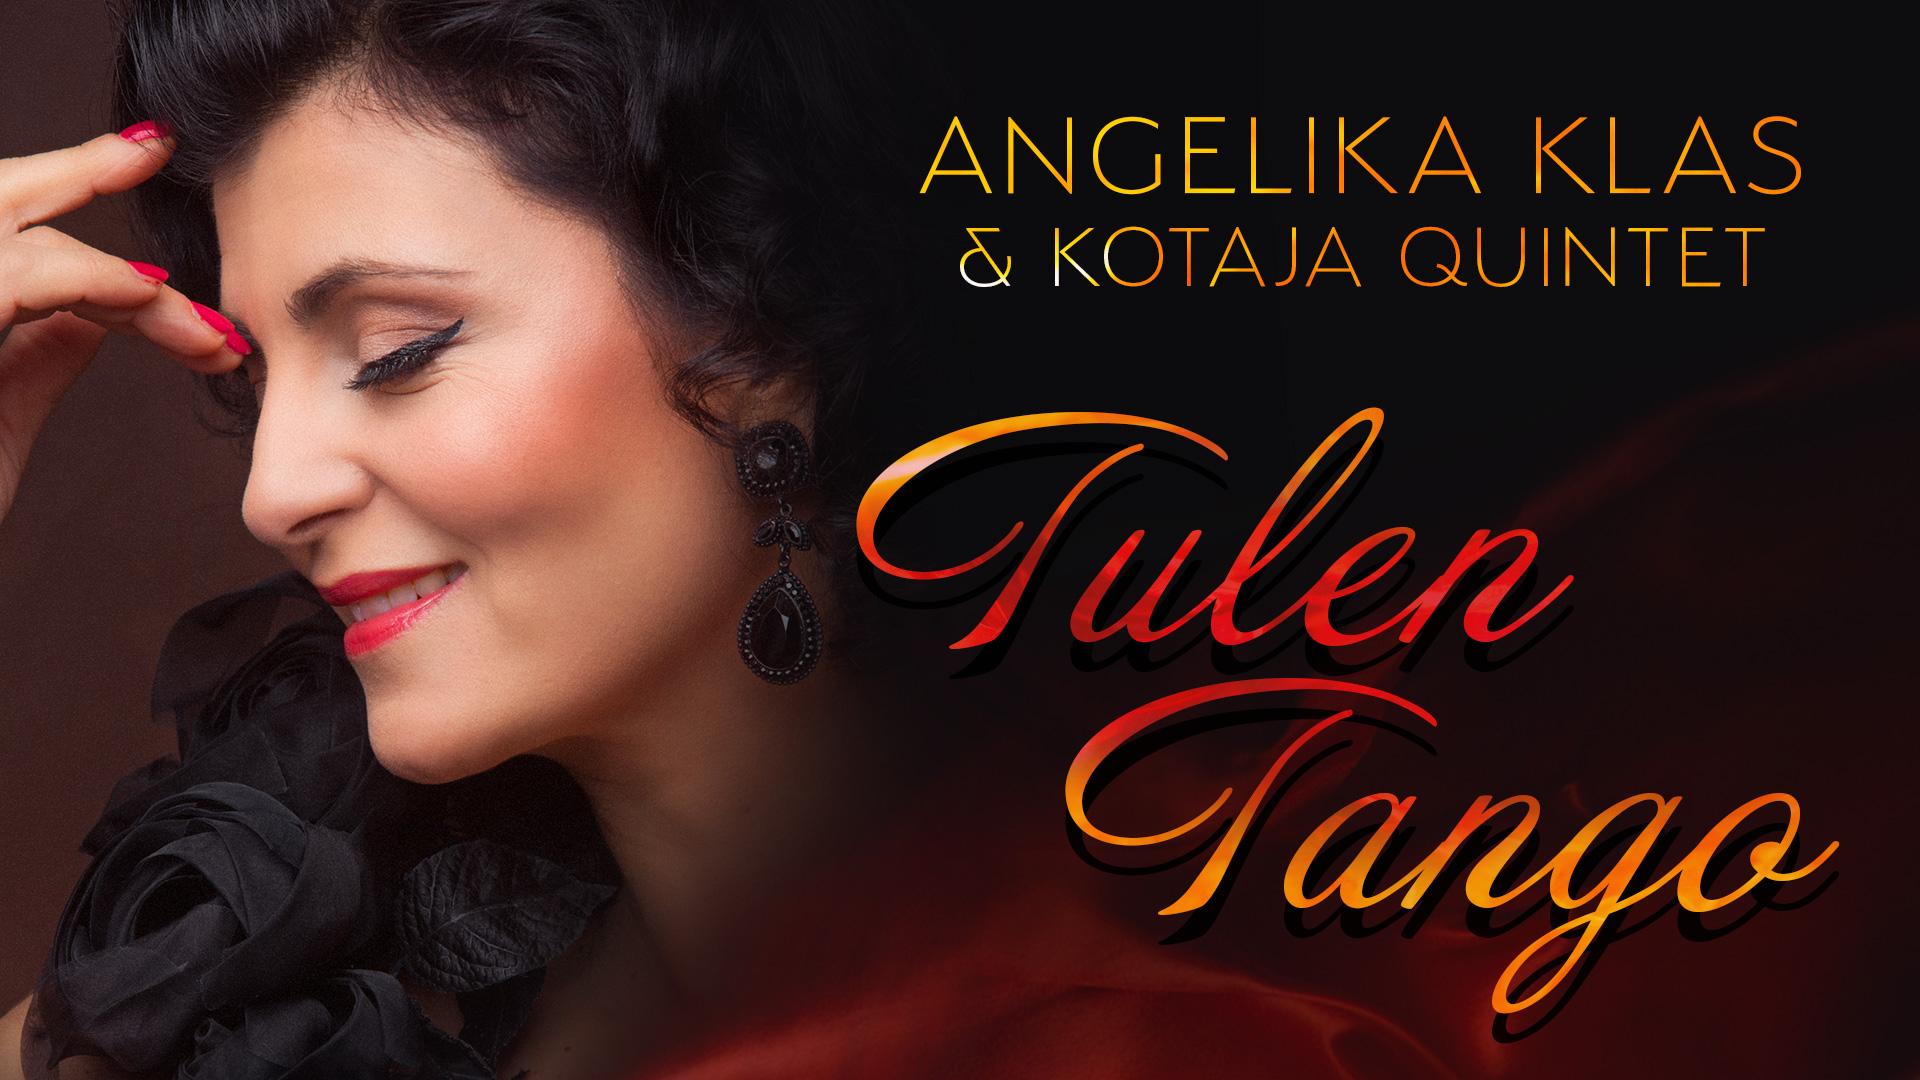 Angelika Klas & Kotaja Quintet - Tulen Tango